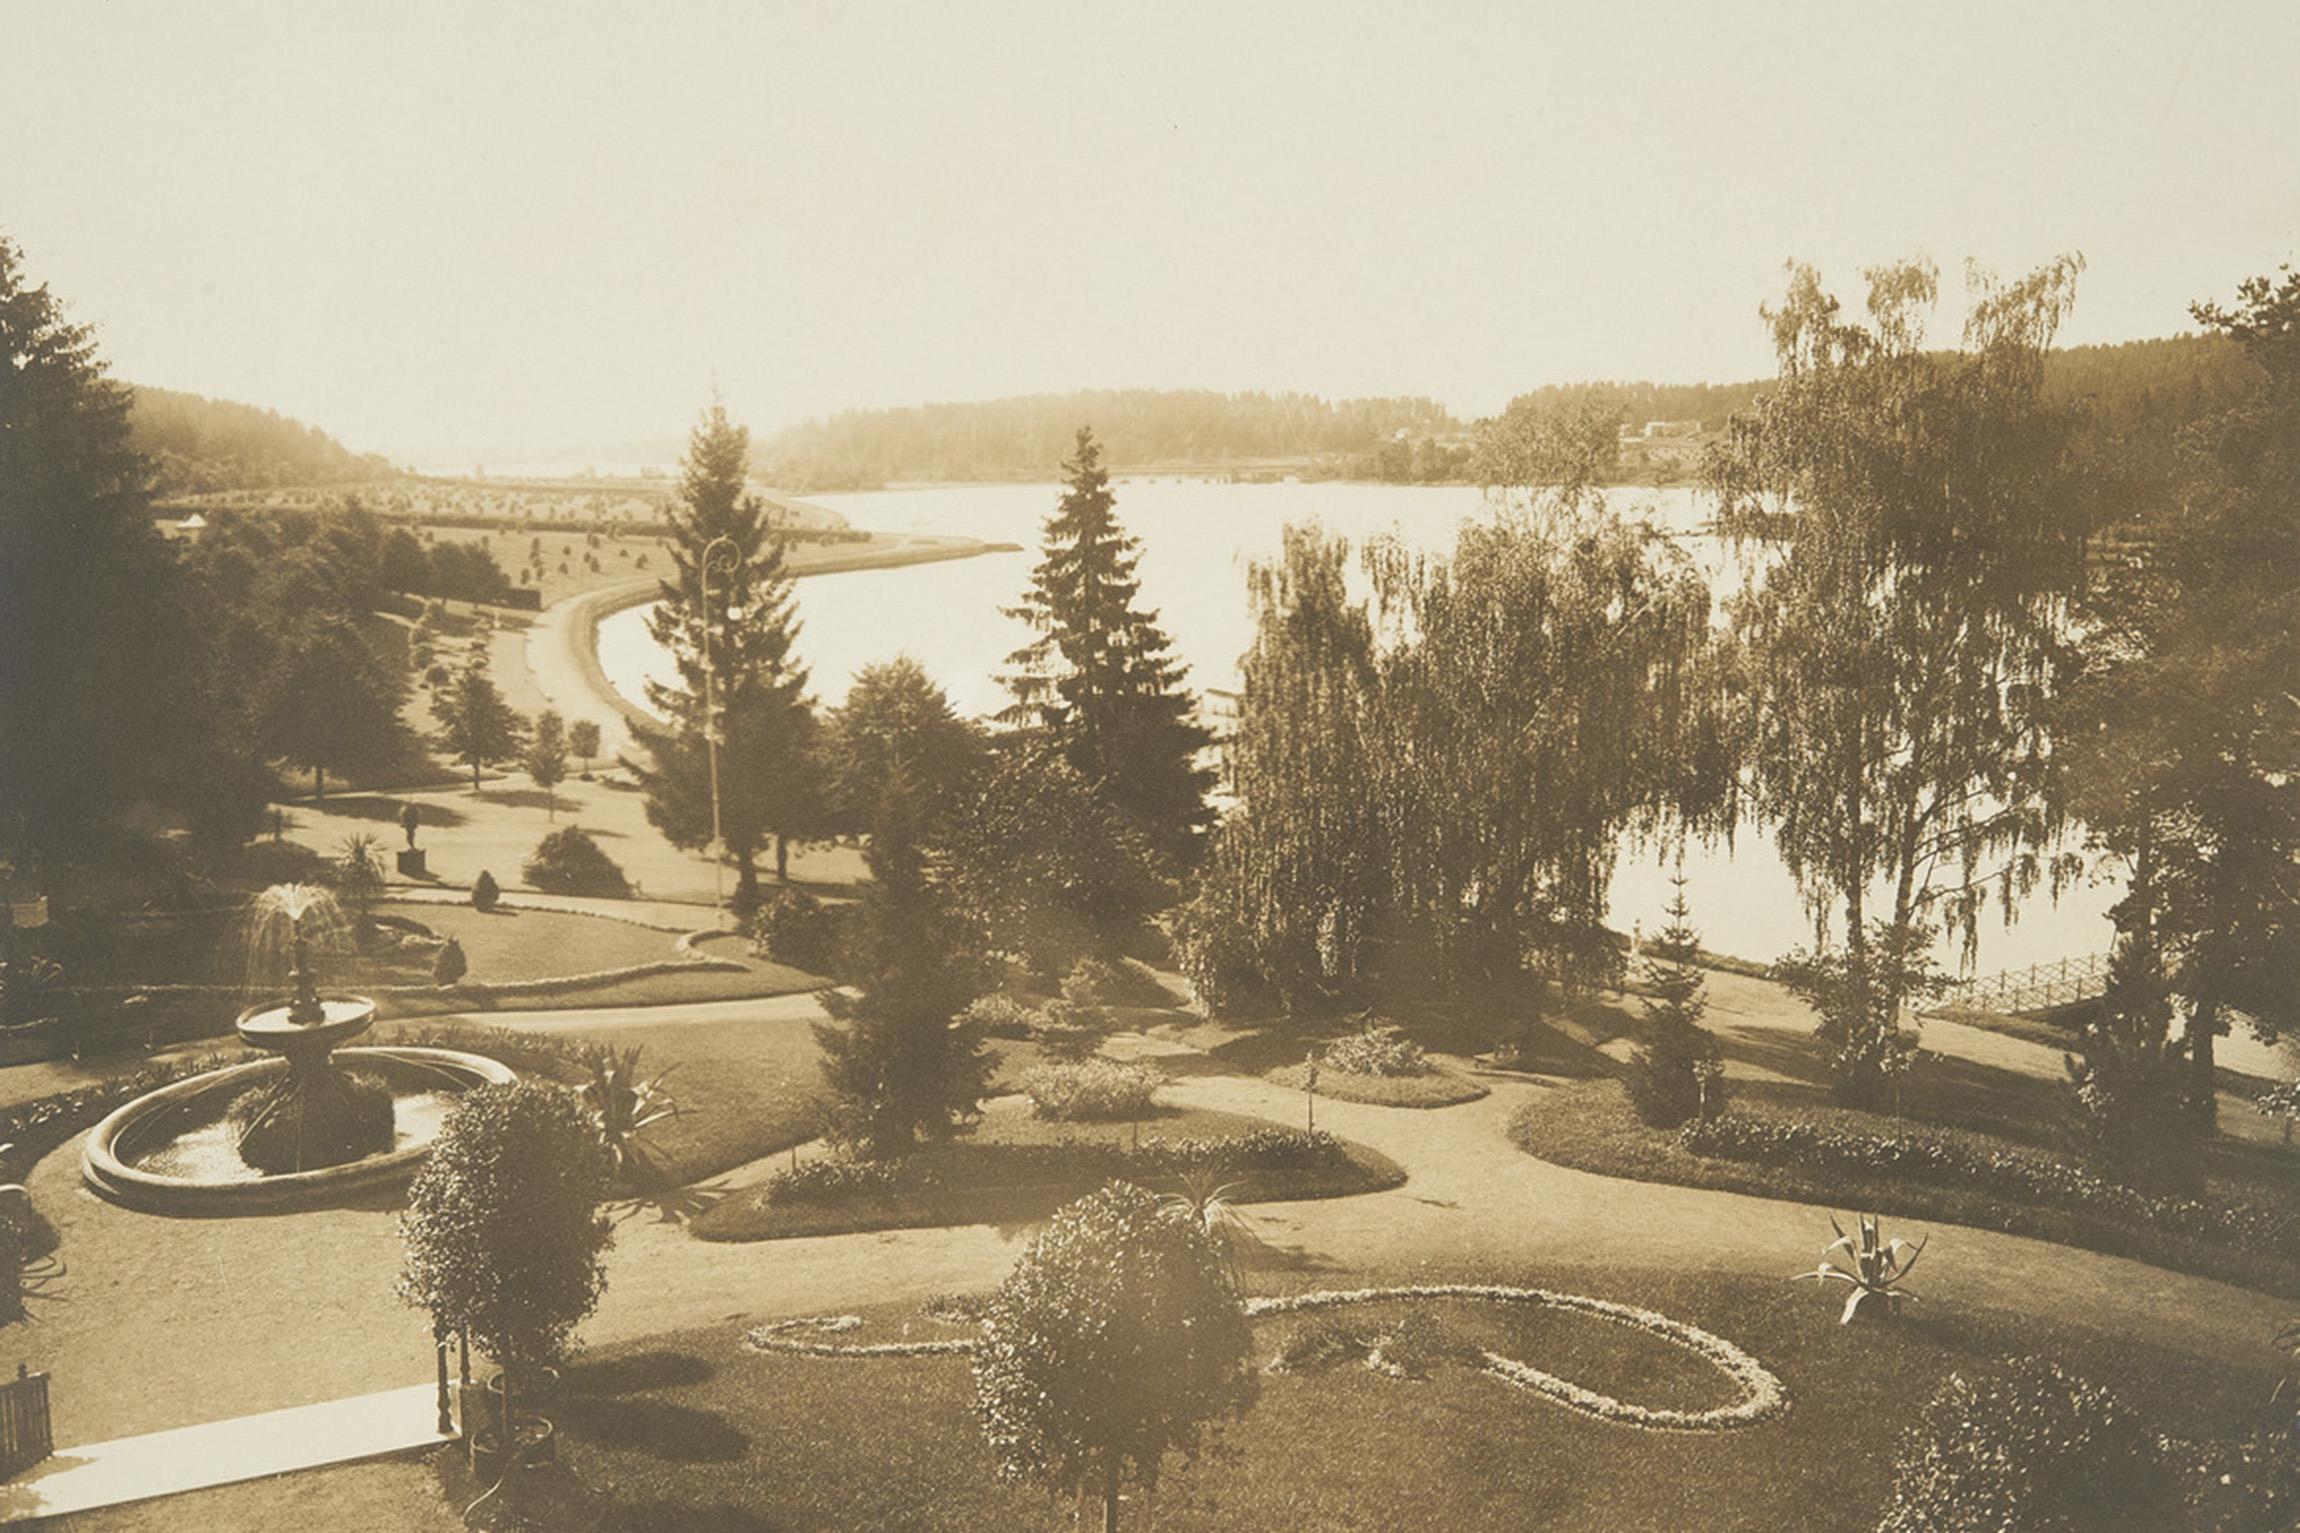 Aulanko-Karlbergin kartanolta avautuva maisema oli hyvin avara ja puutarha huoliteltu erikoislajikkeineen.